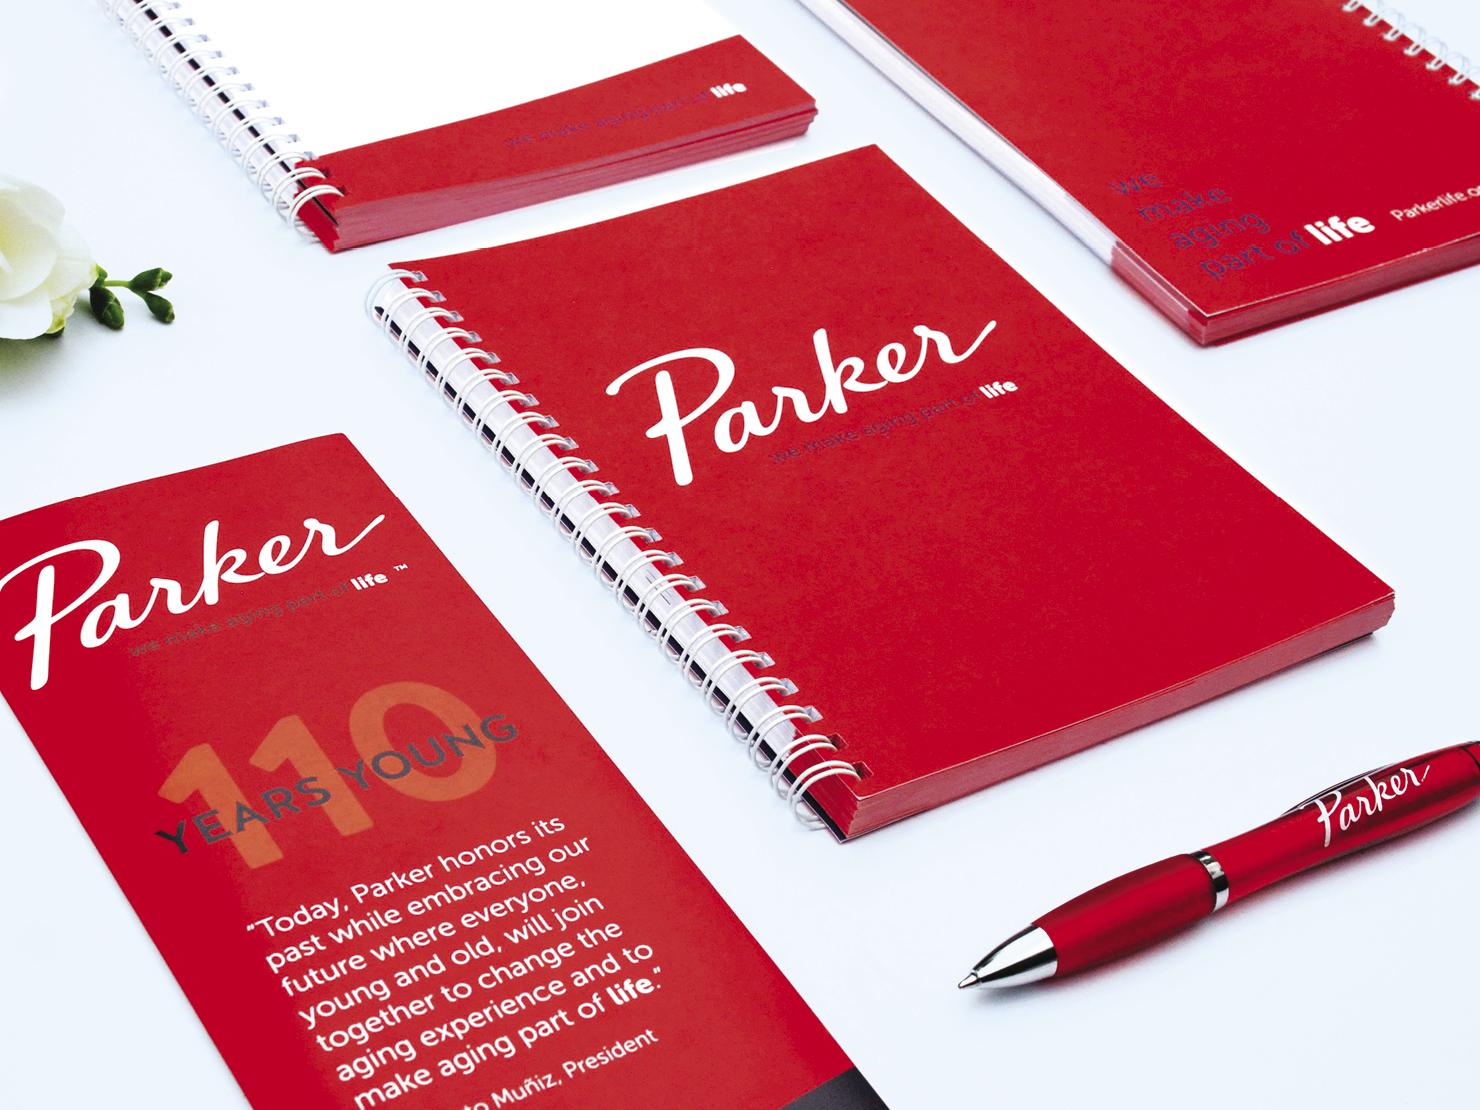 Parker_Merchandise1_1480x11108